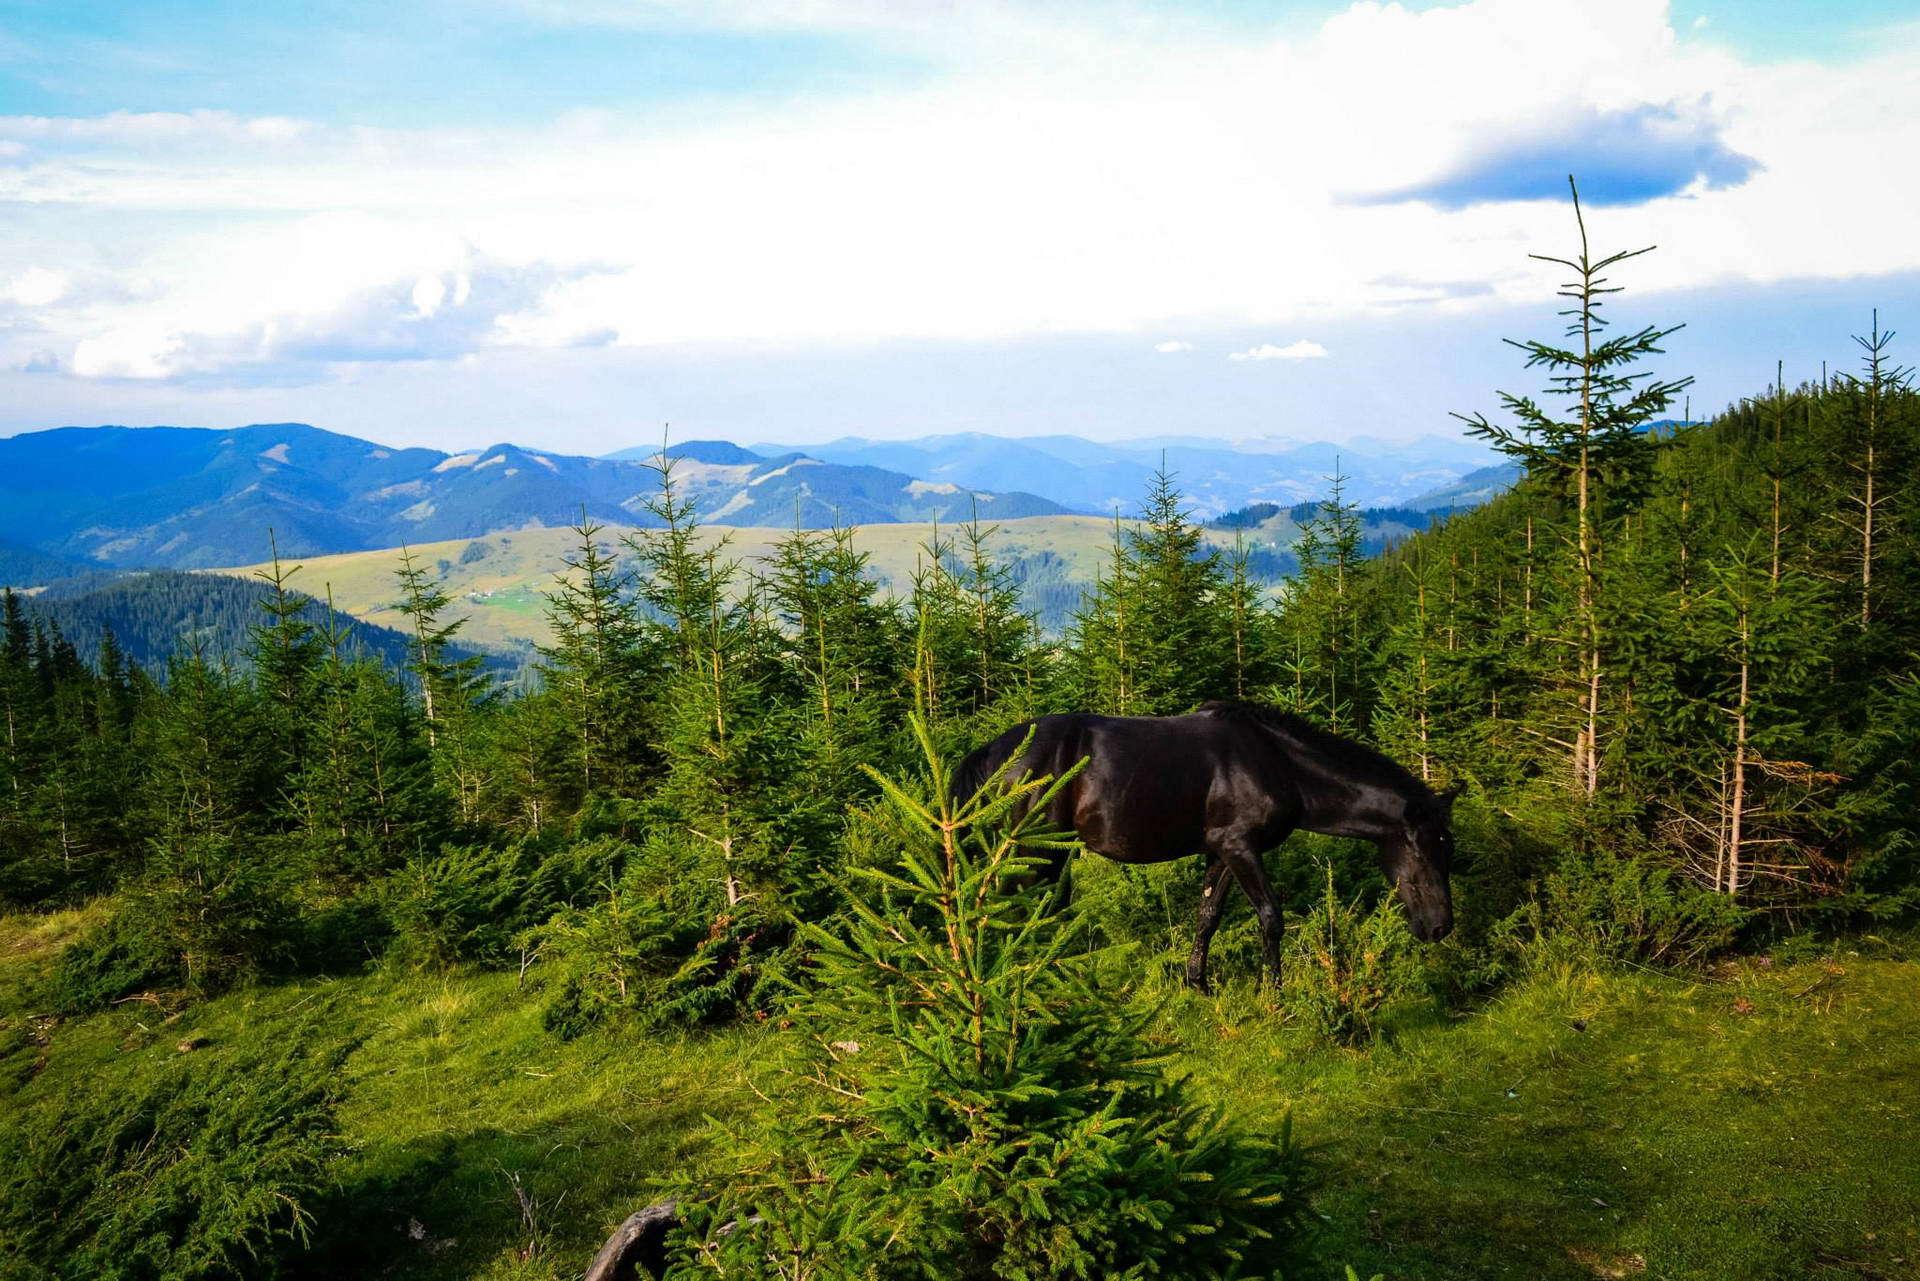 Дорогою на гору Вухатий Камінь, маршрут Чорногорою